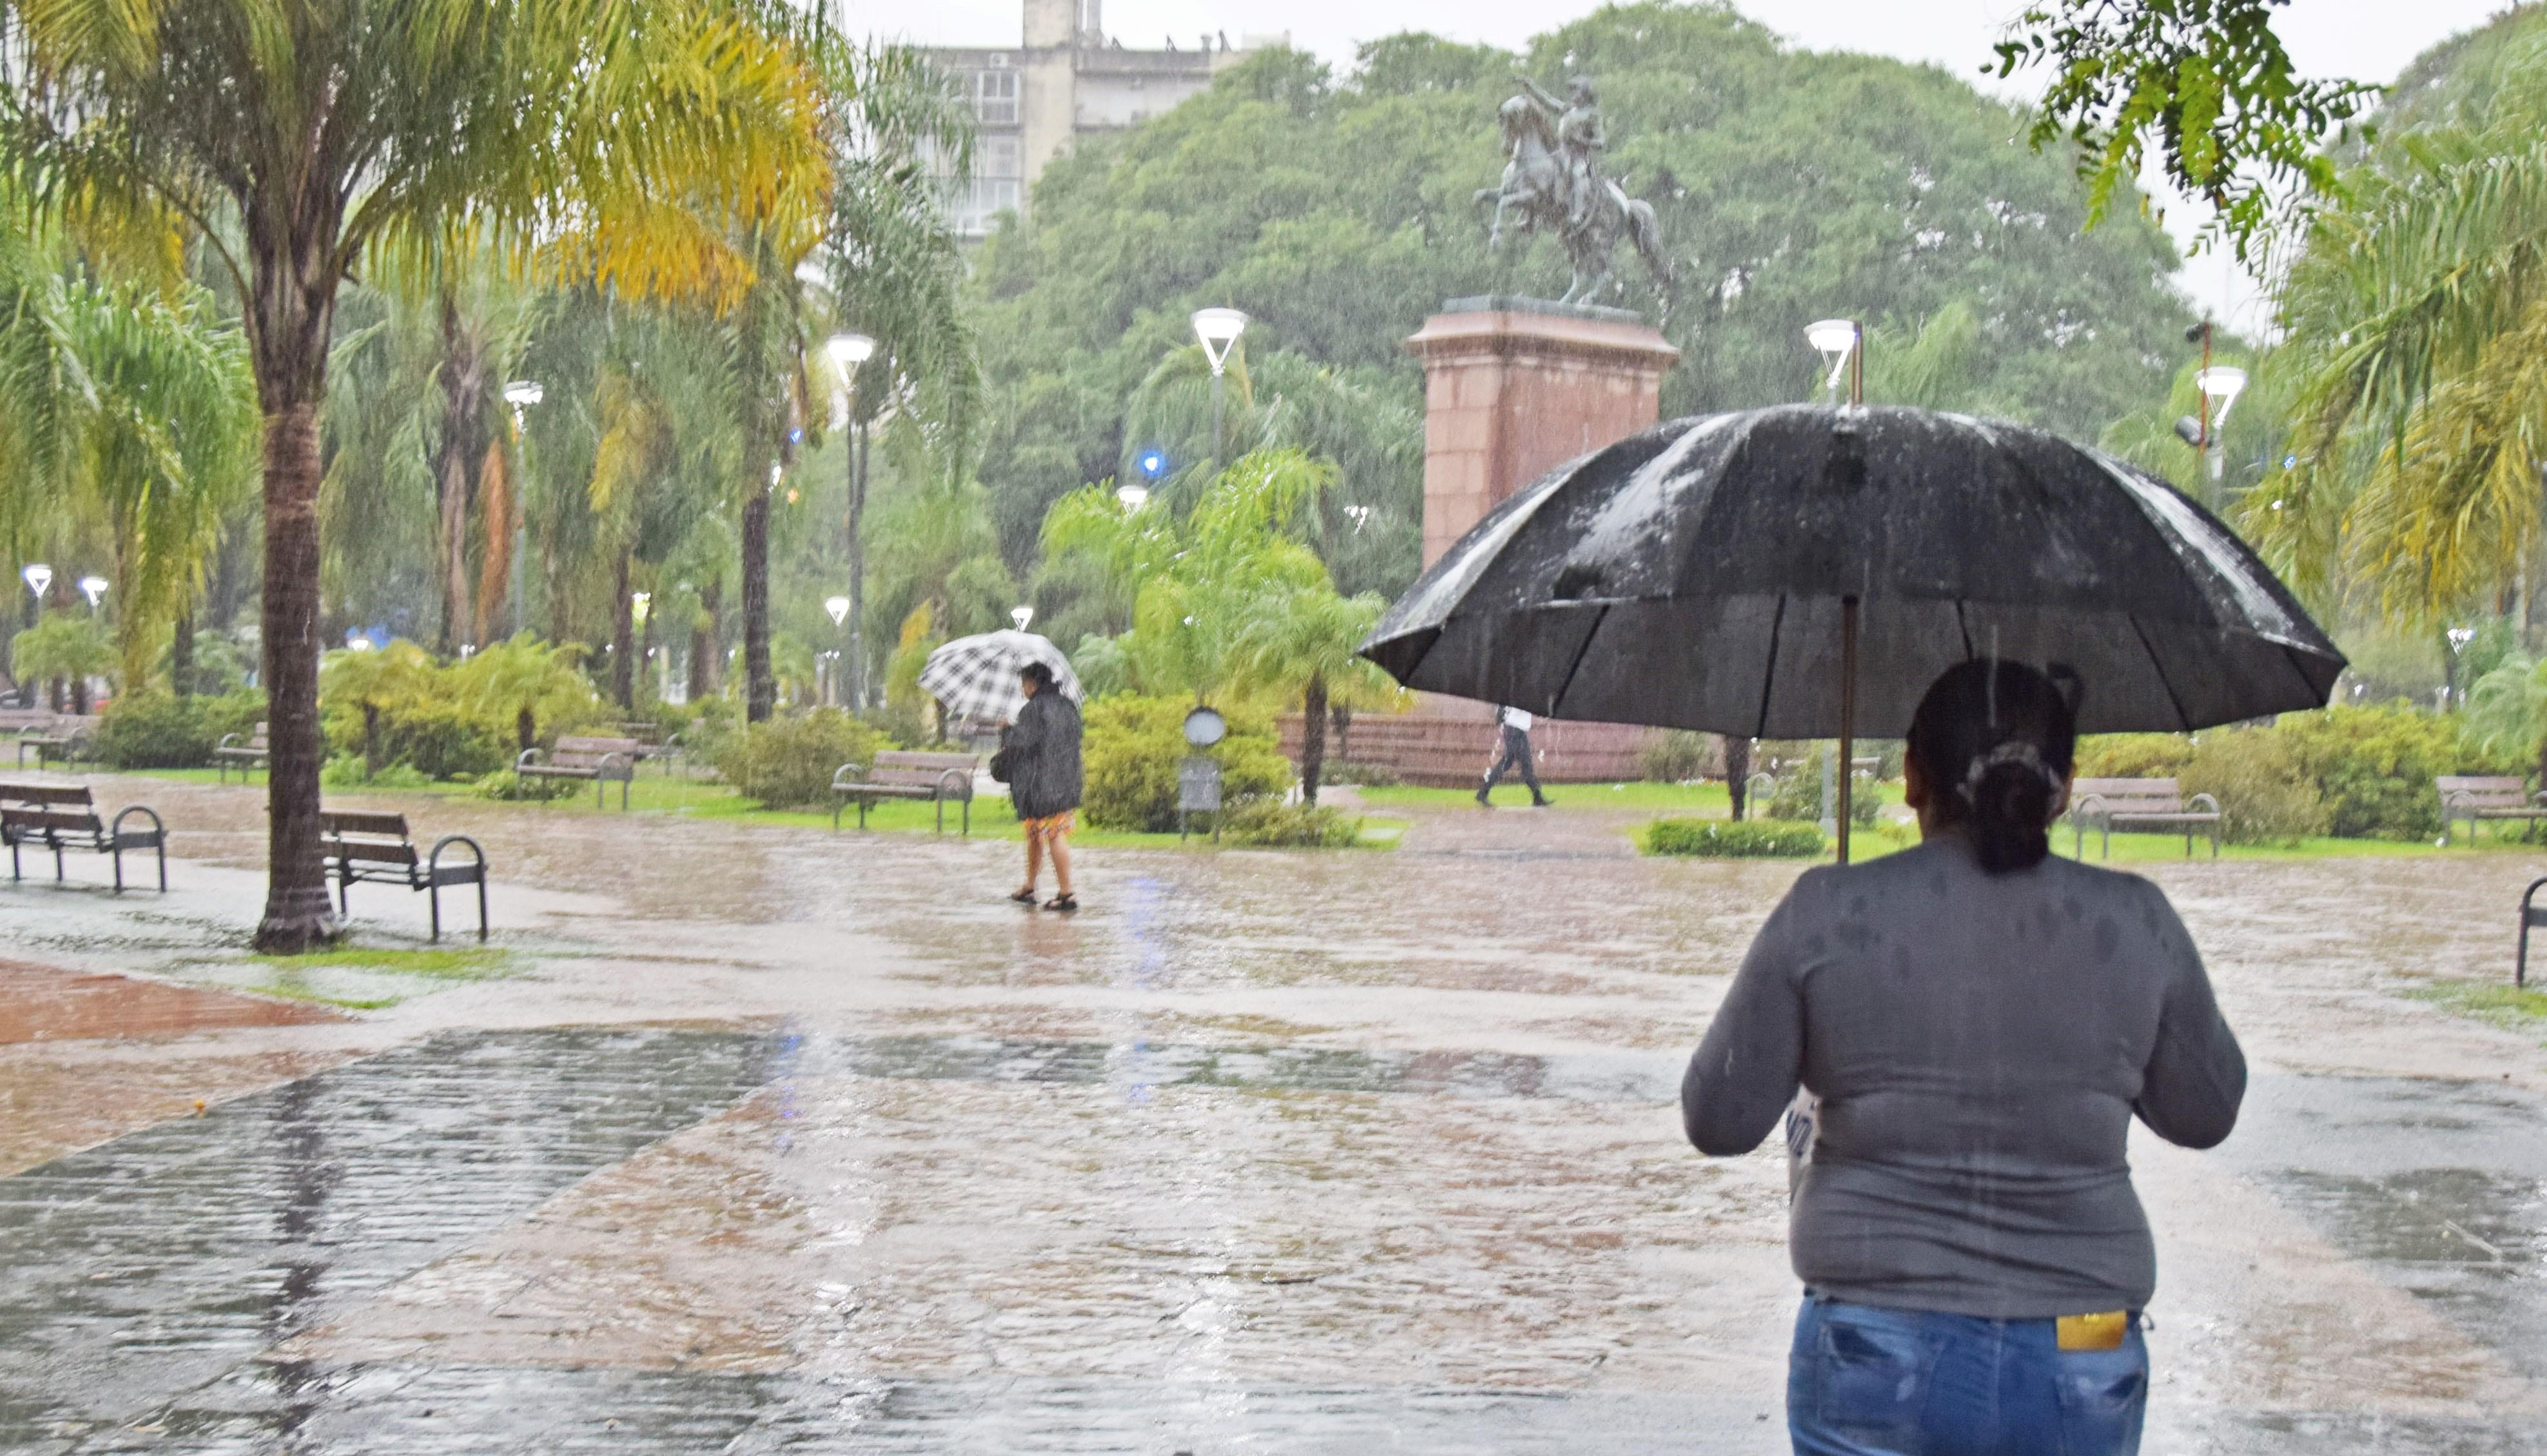 Las lluvias pasaron de largo el fin de semana y este lunes inicia con alerta meteorológico